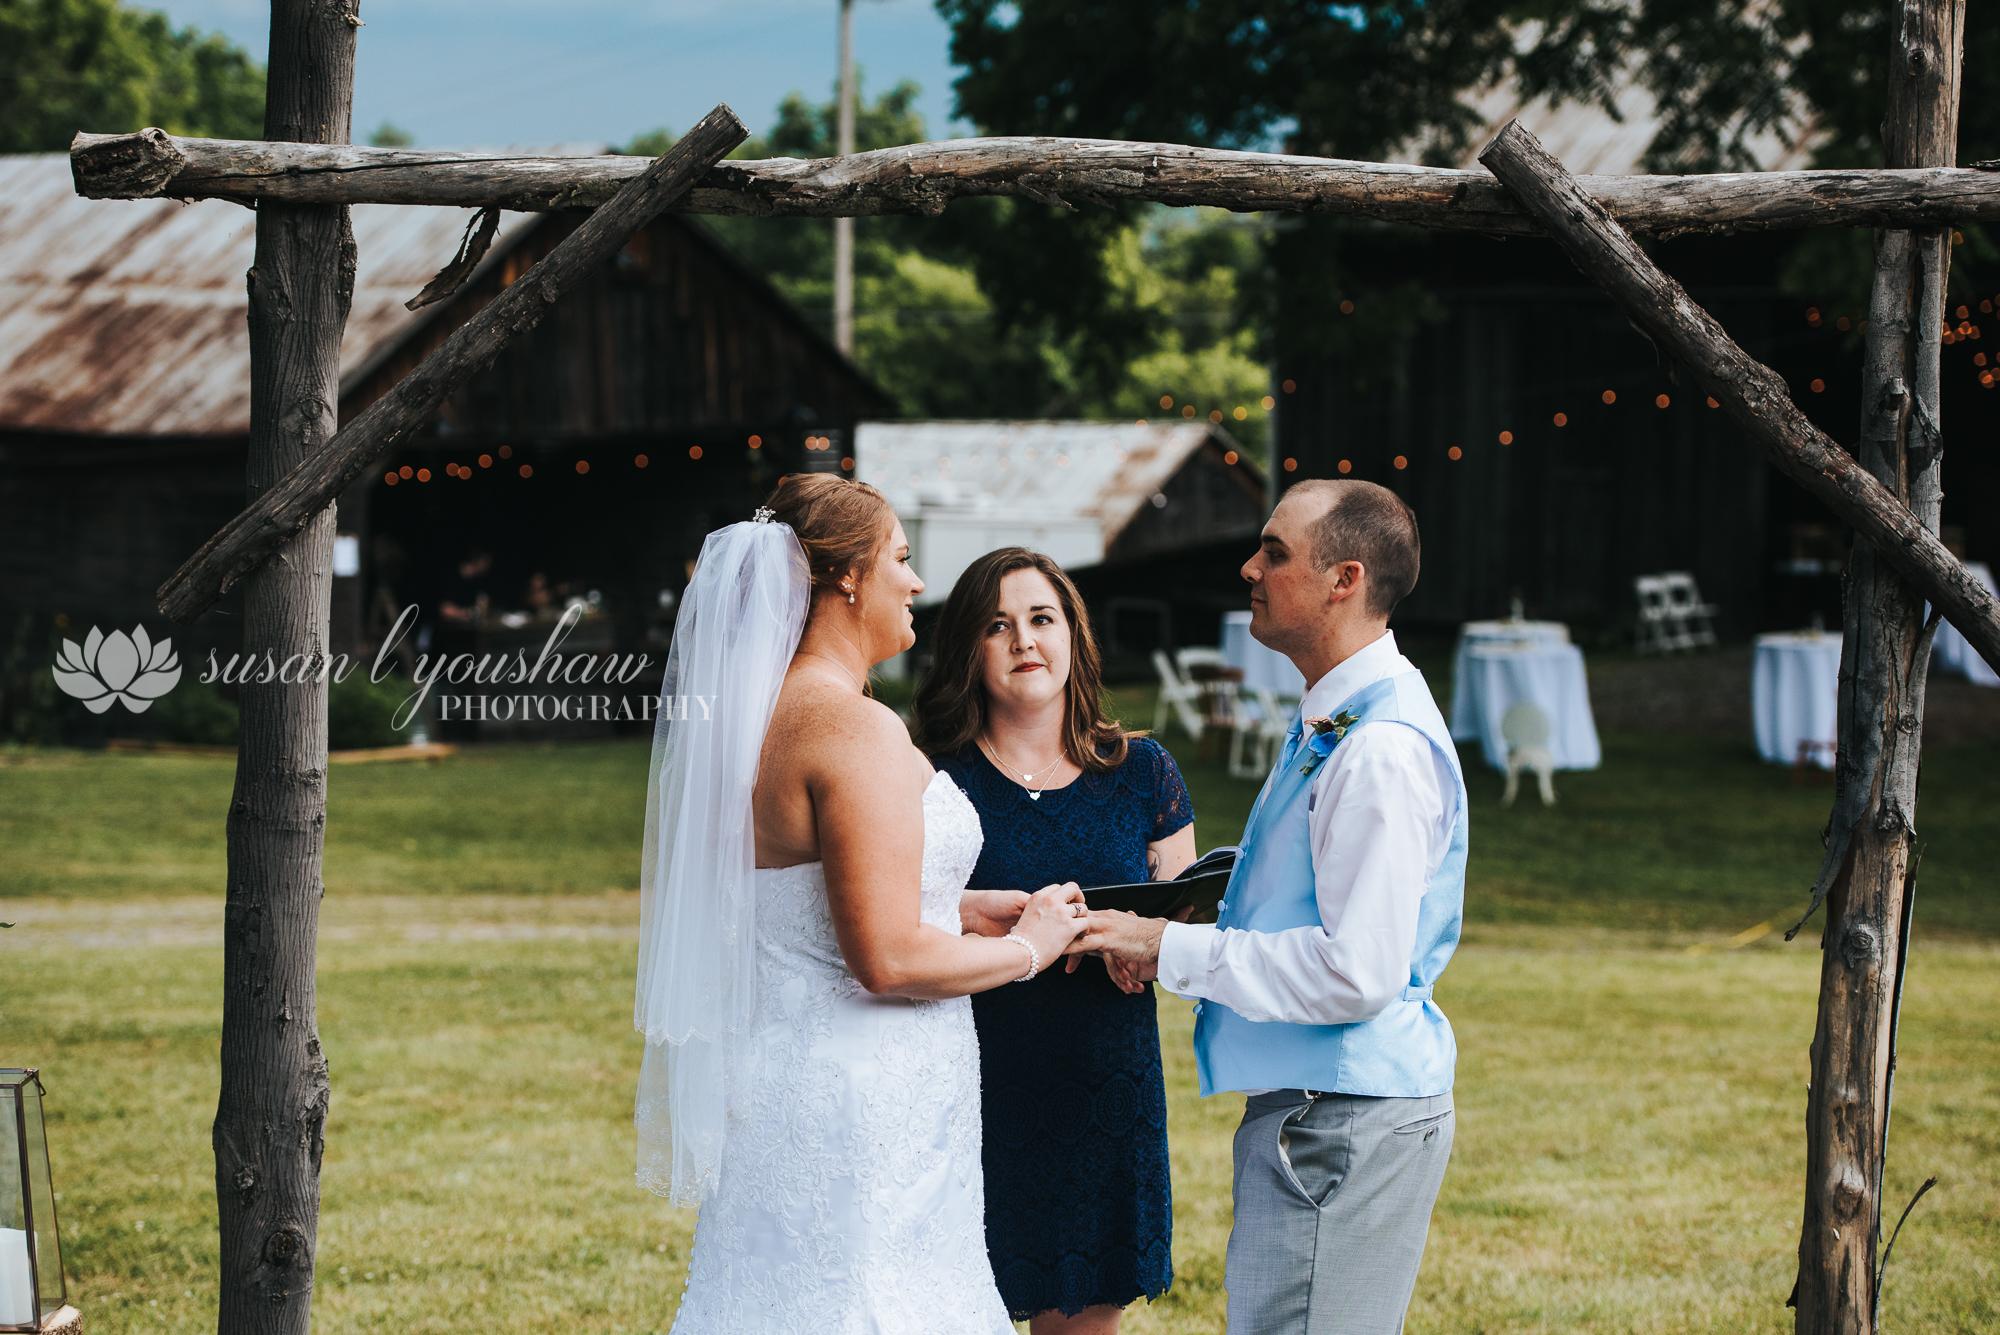 Erin and Jason Wedding Photos 07-06-2019 SLY Photography-103.jpg